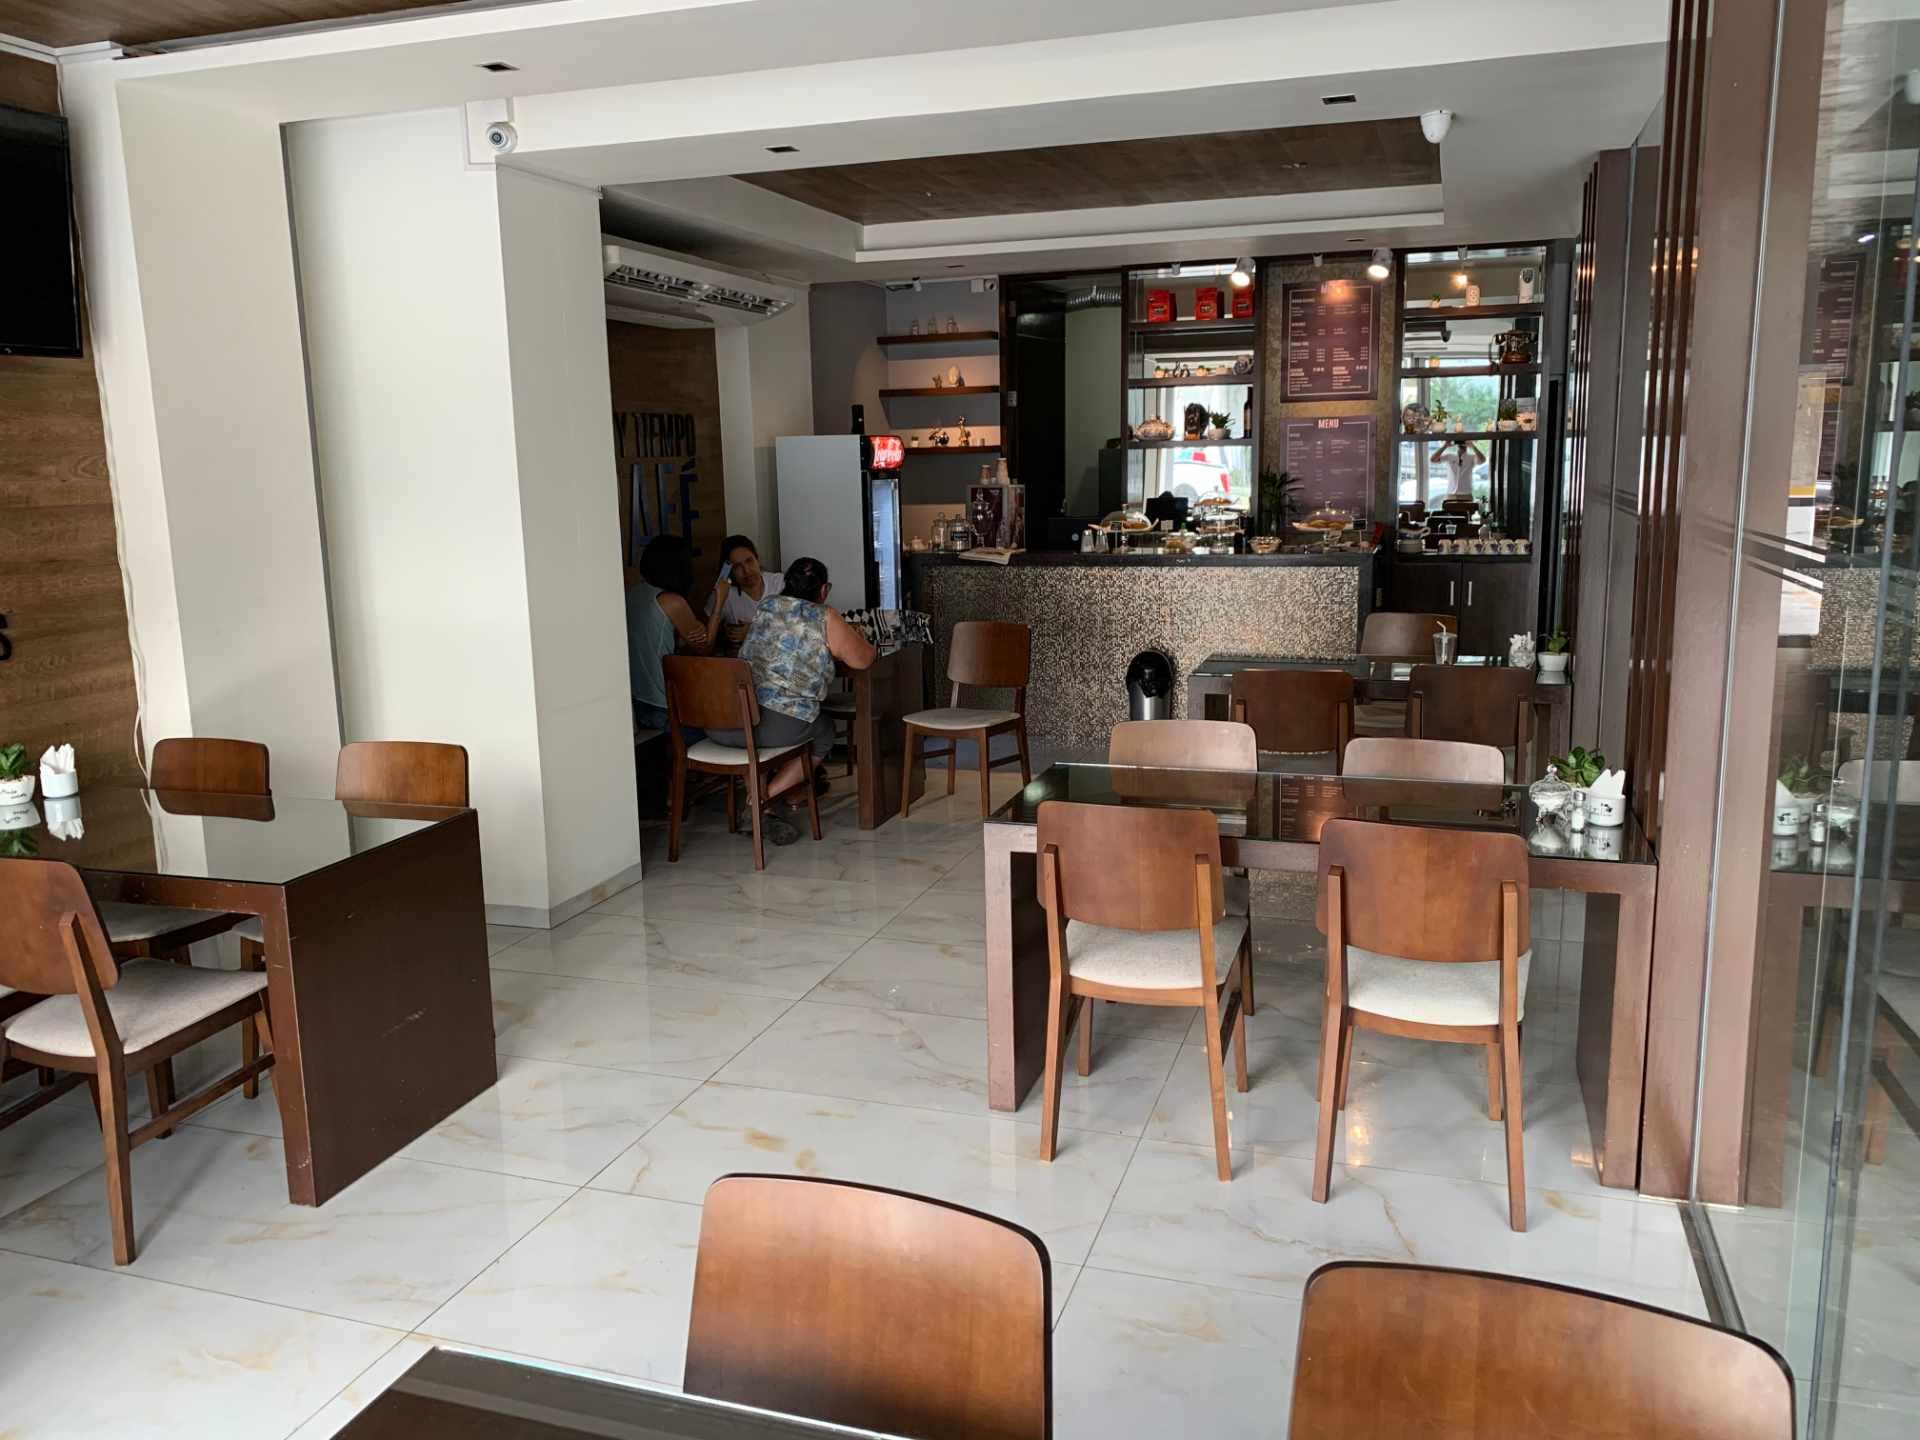 Oficina en Venta Calle Beni entre 1er y 2do Anillo Foto 8